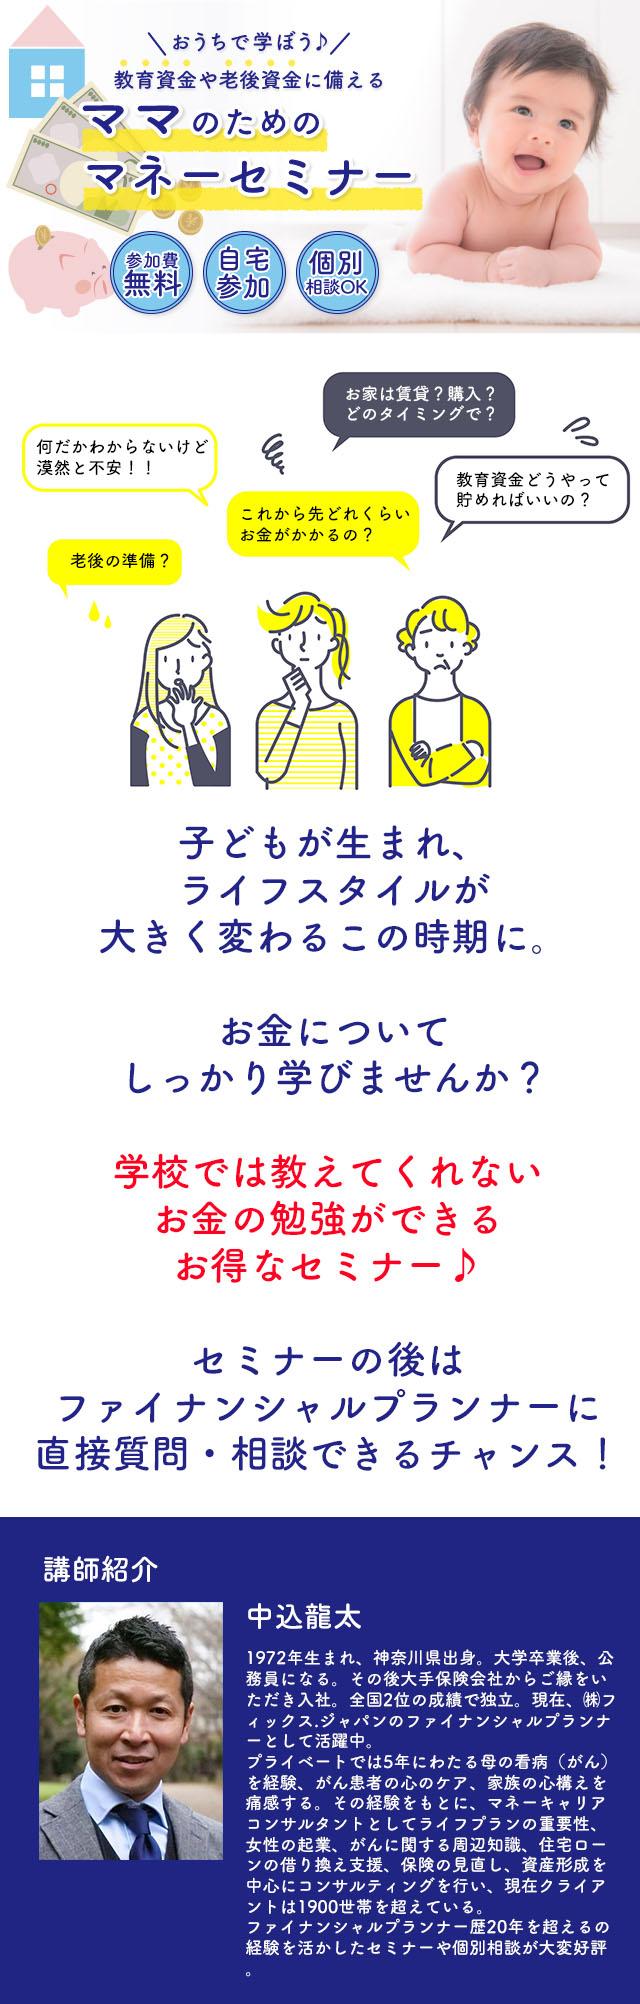 【4月21日(水)】子育てママ向け♪今の時期に必ず聞いておきたいお金のオンラインセミナー!